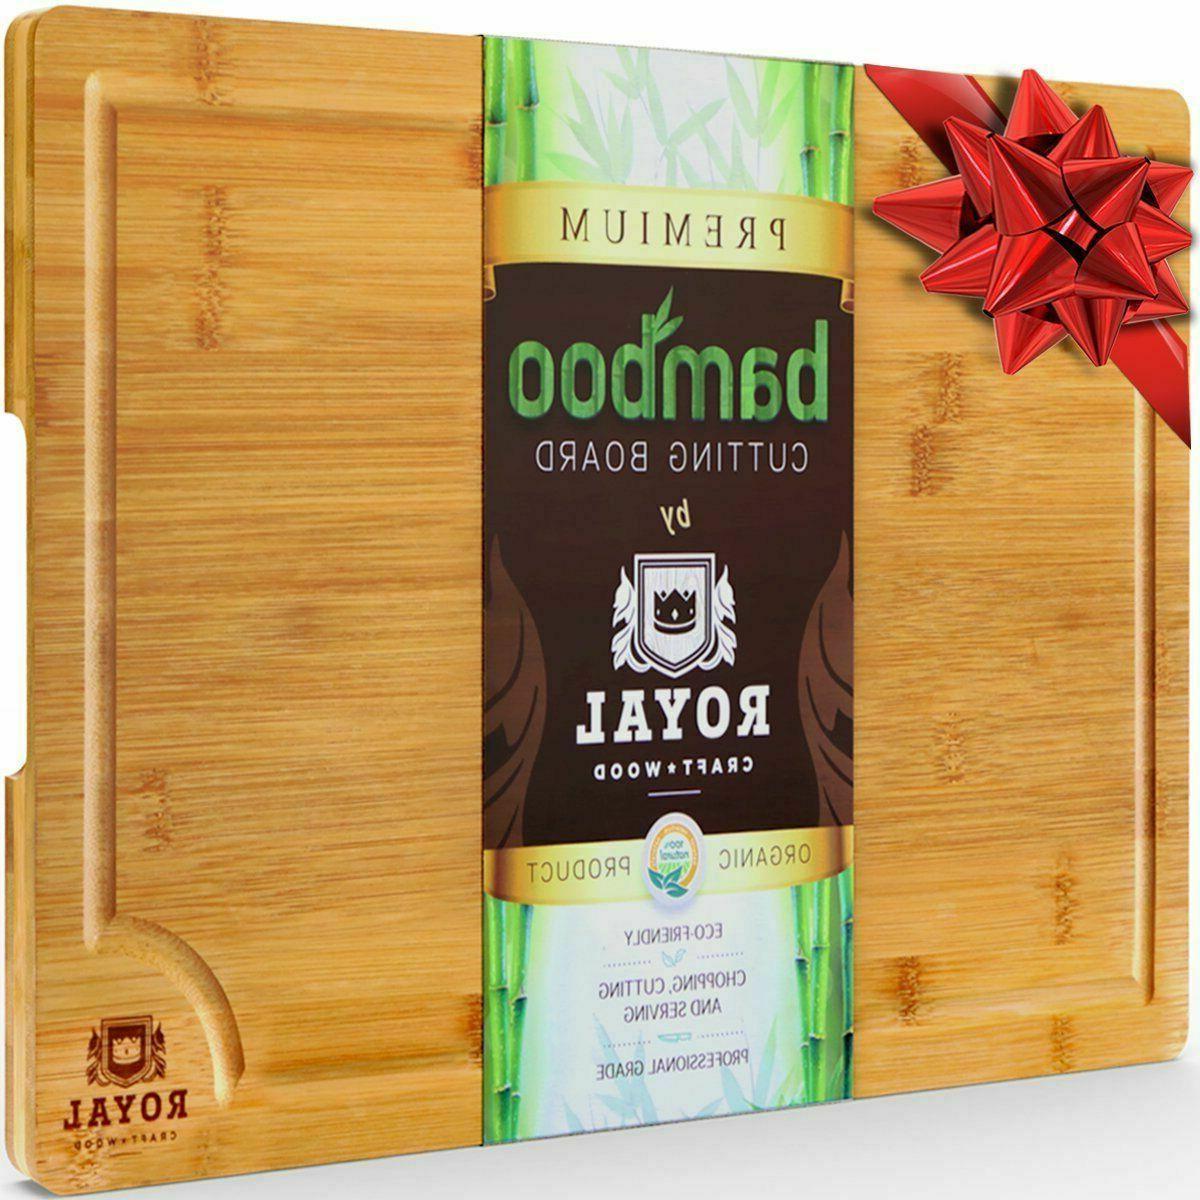 organic bamboo cutting board